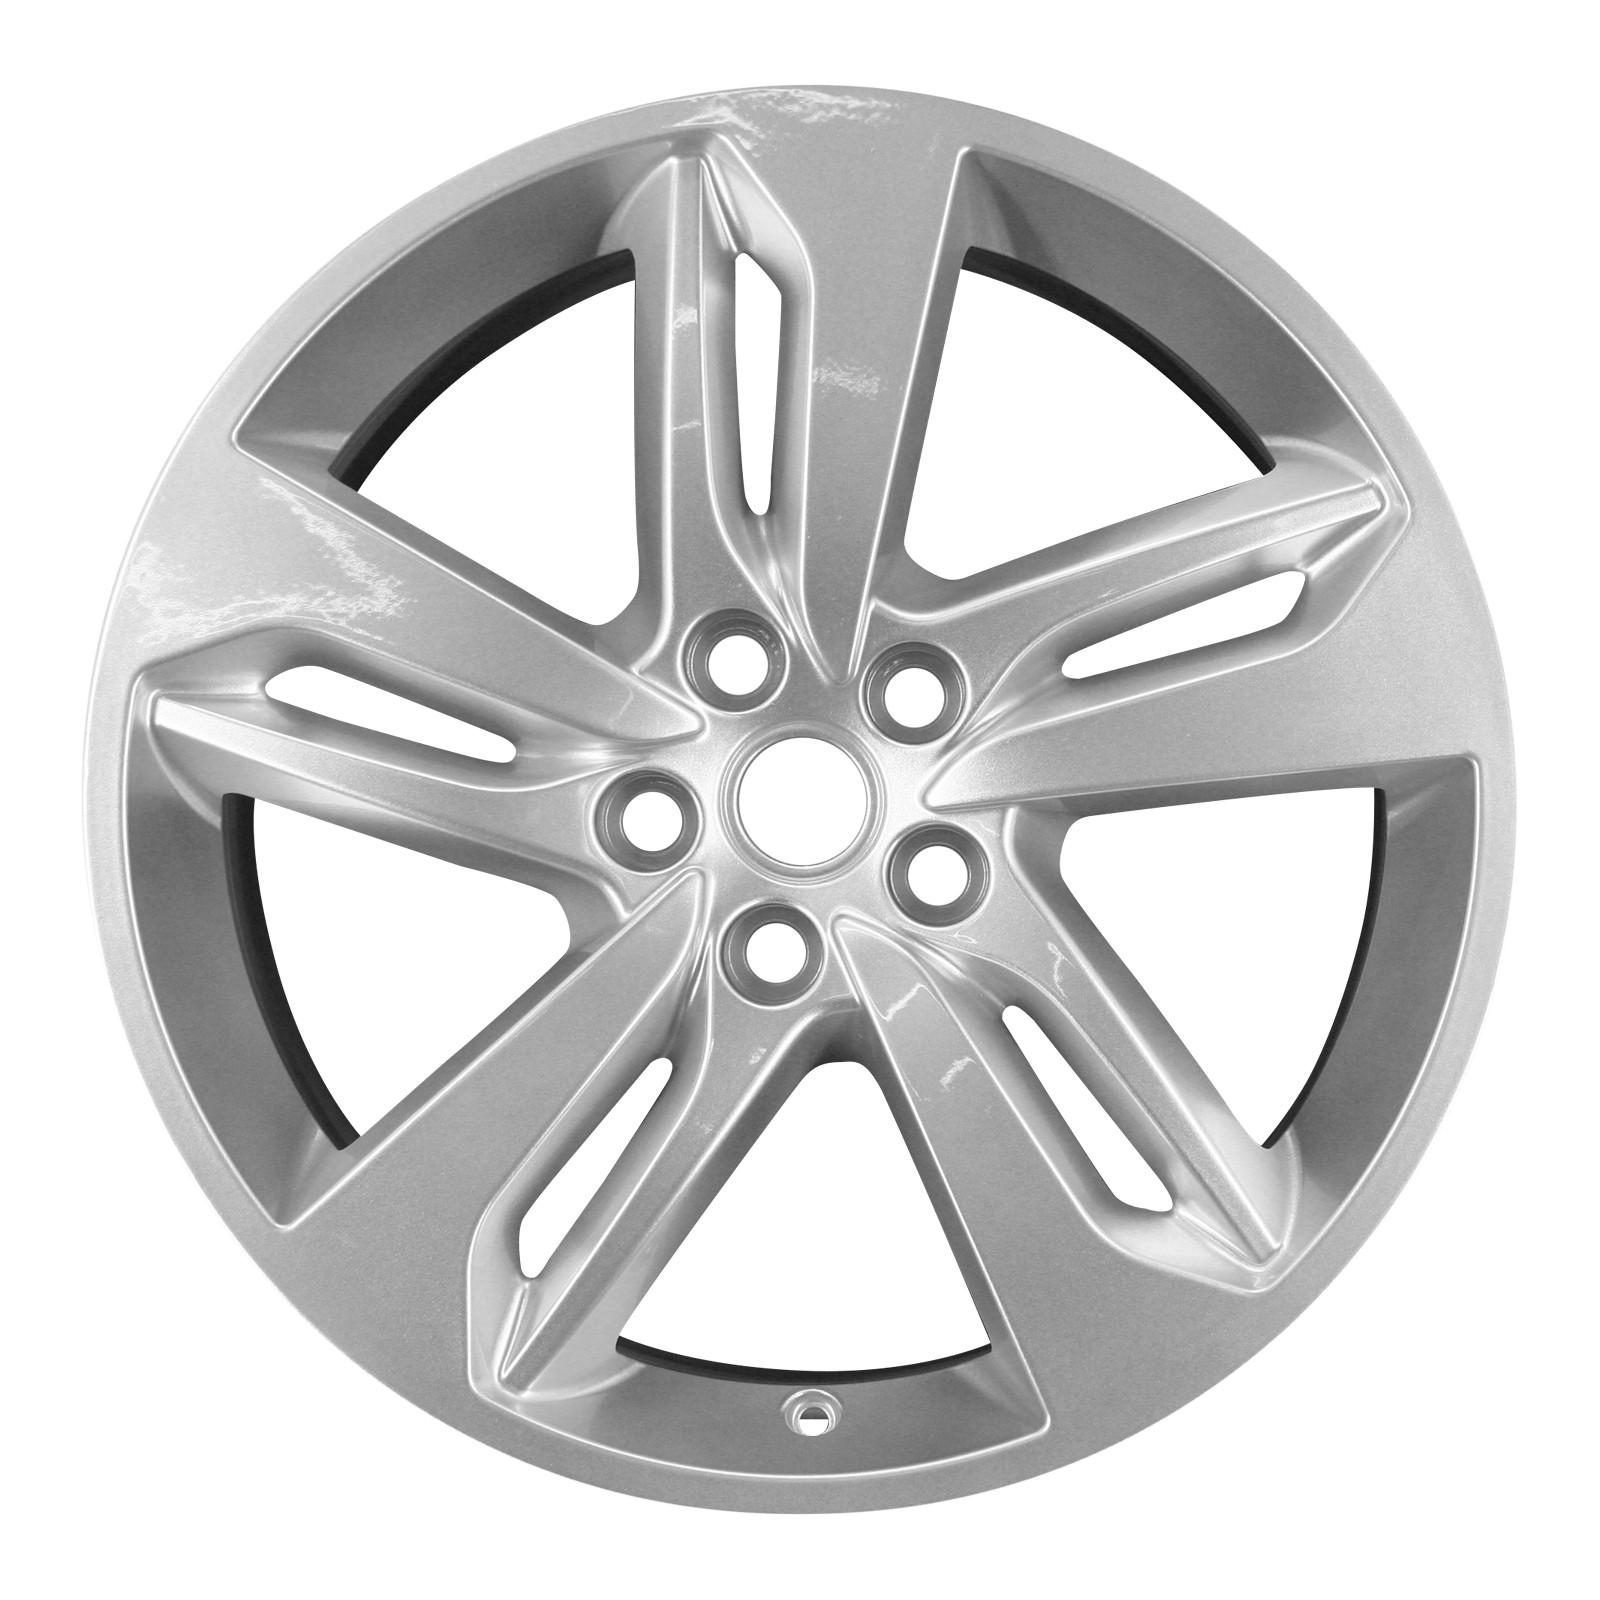 Колесный диск R20 Sparkle Silver для Range Rover Sport 2010-2014